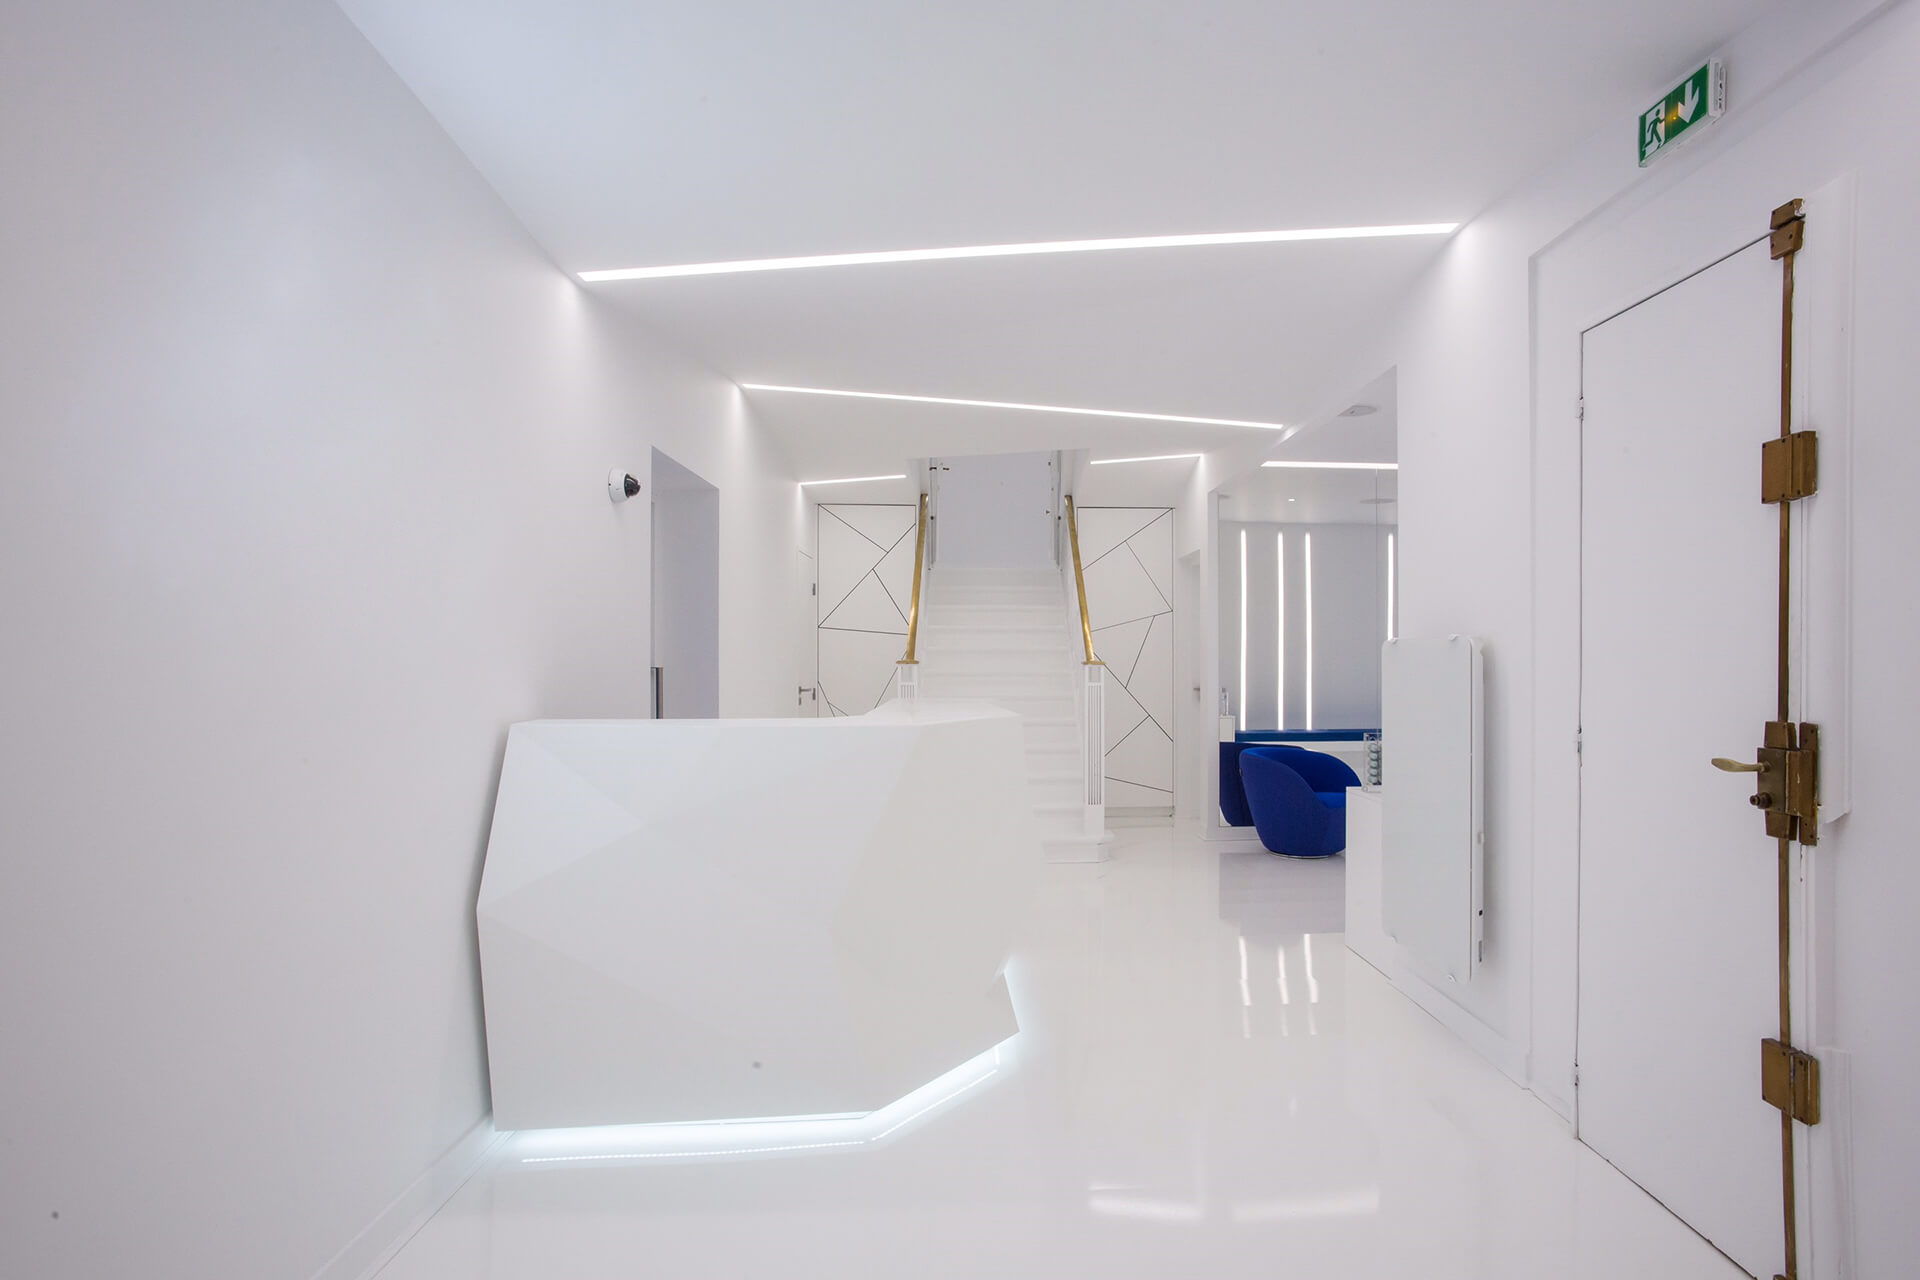 espaço de crioterapia mobília branca e design de produto